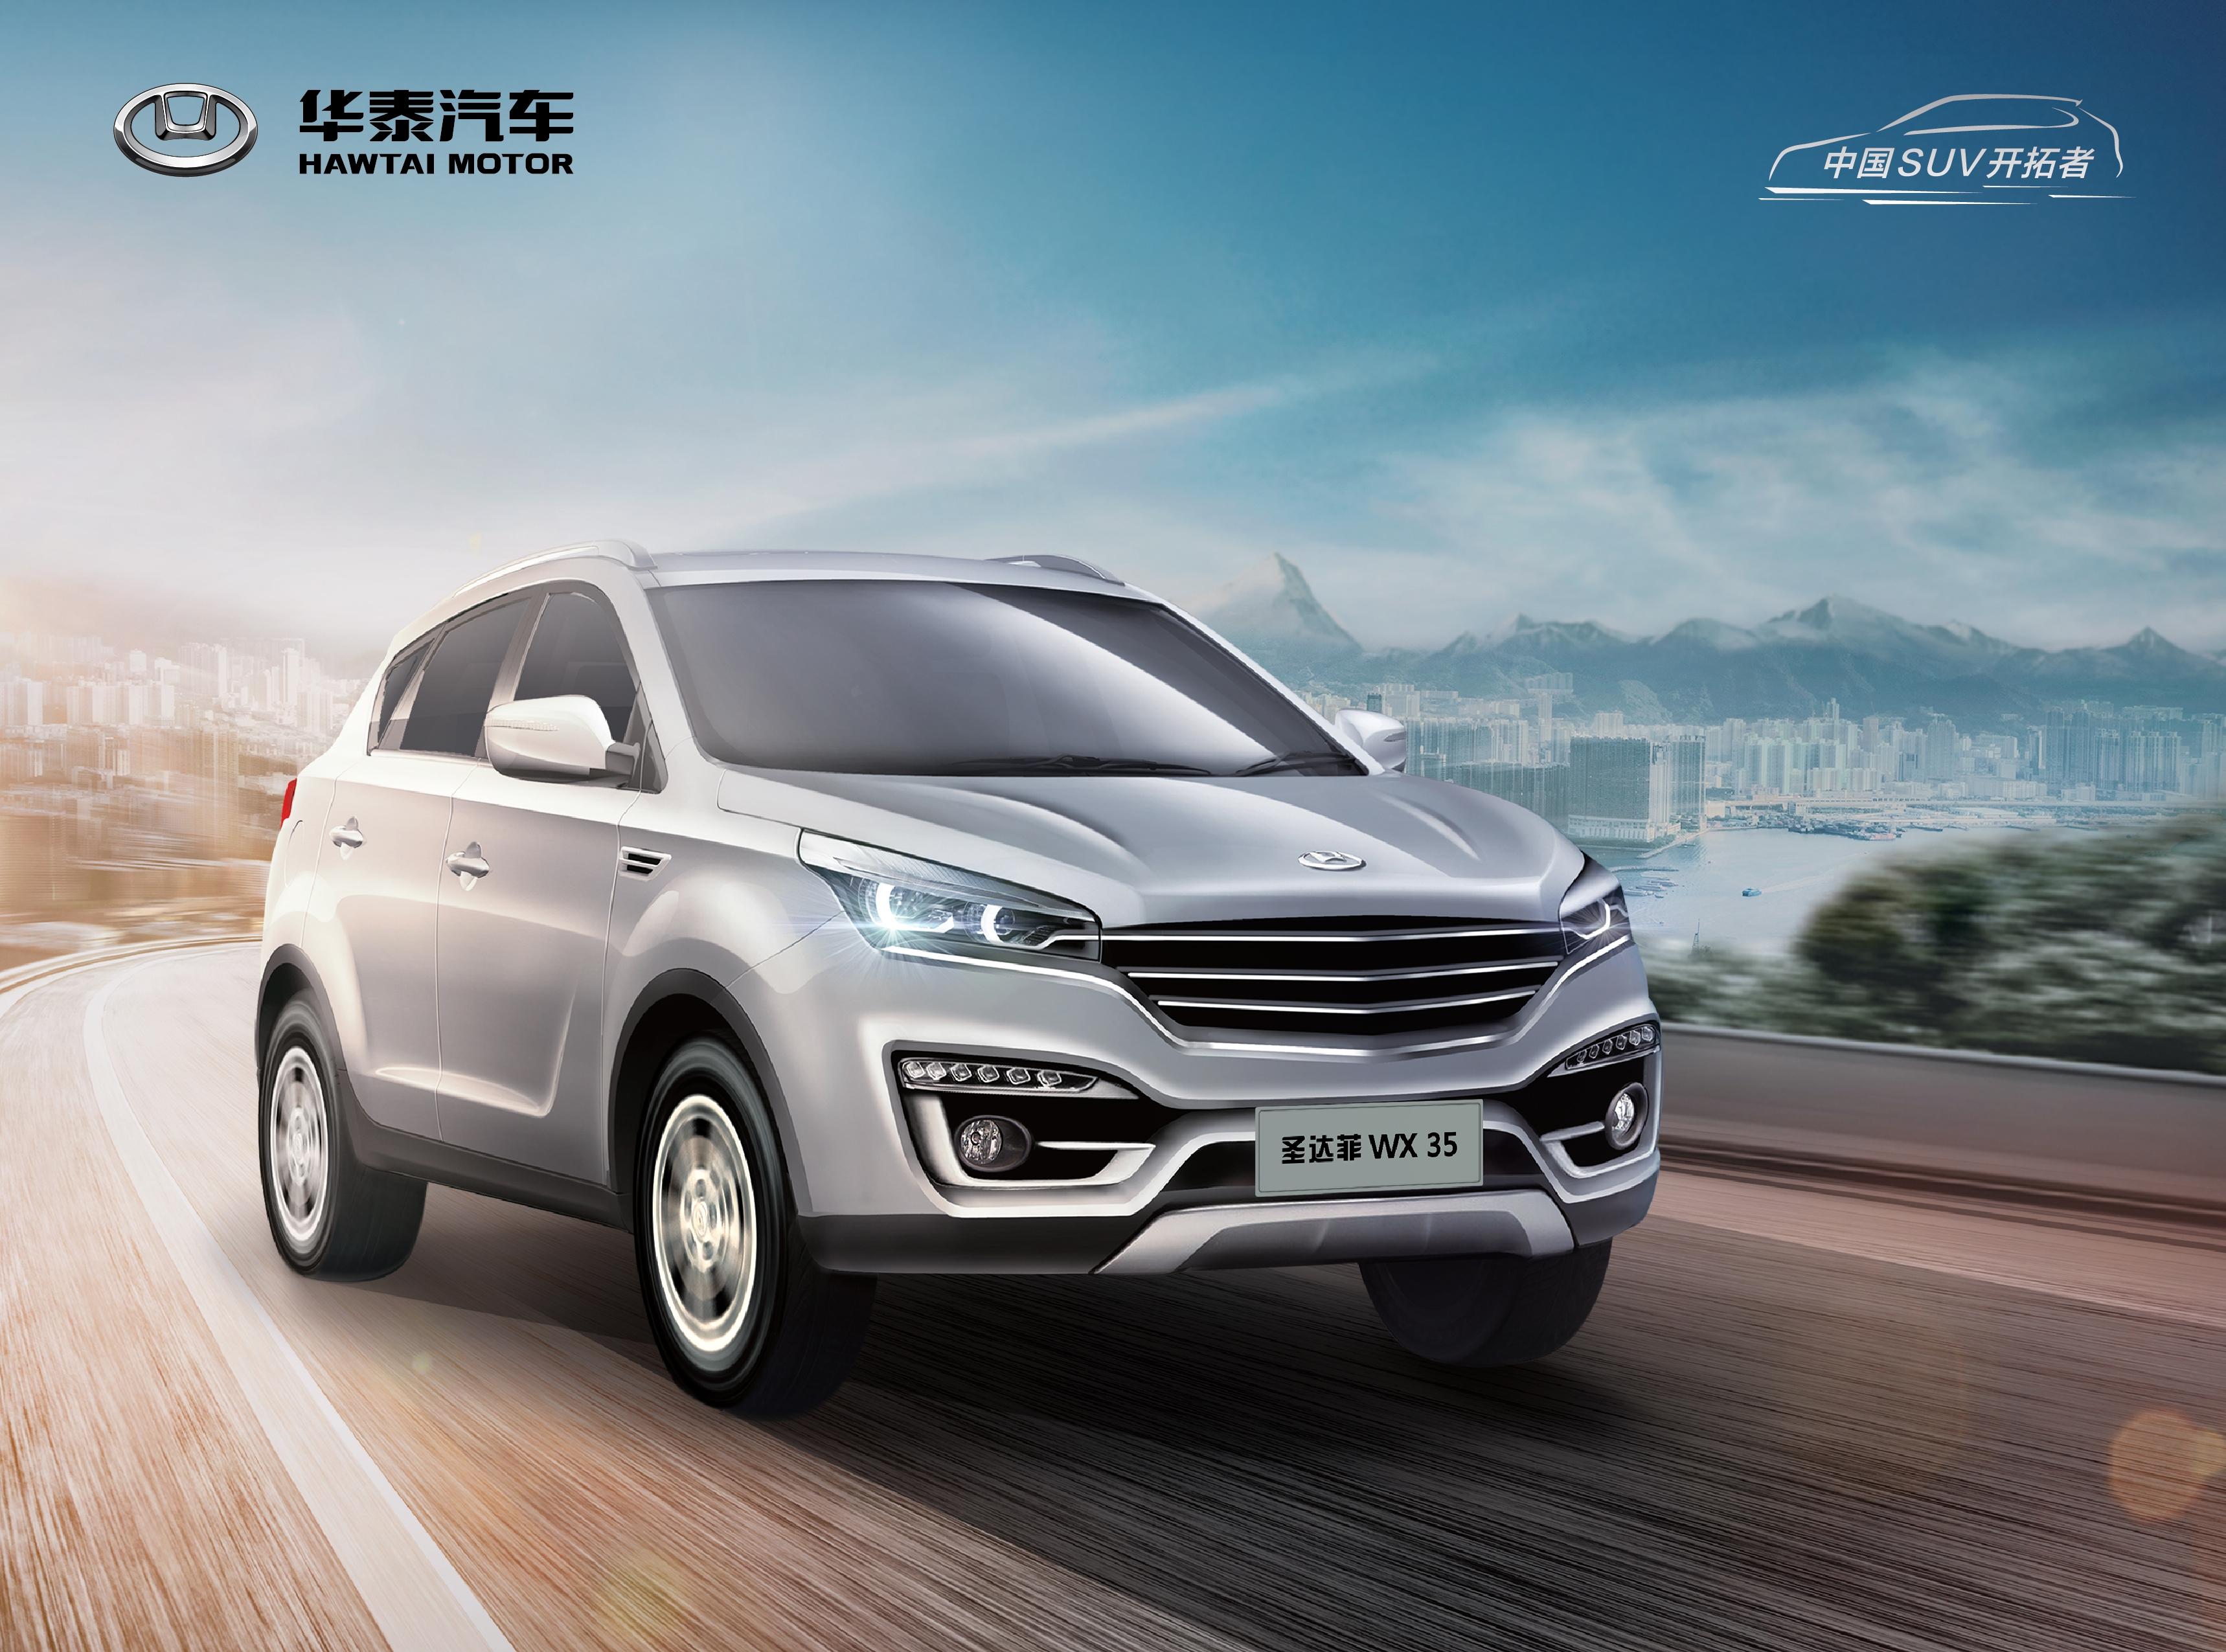 华泰汽车作为一家起步中高端的中国自主汽车品牌,一直有着强大的品牌